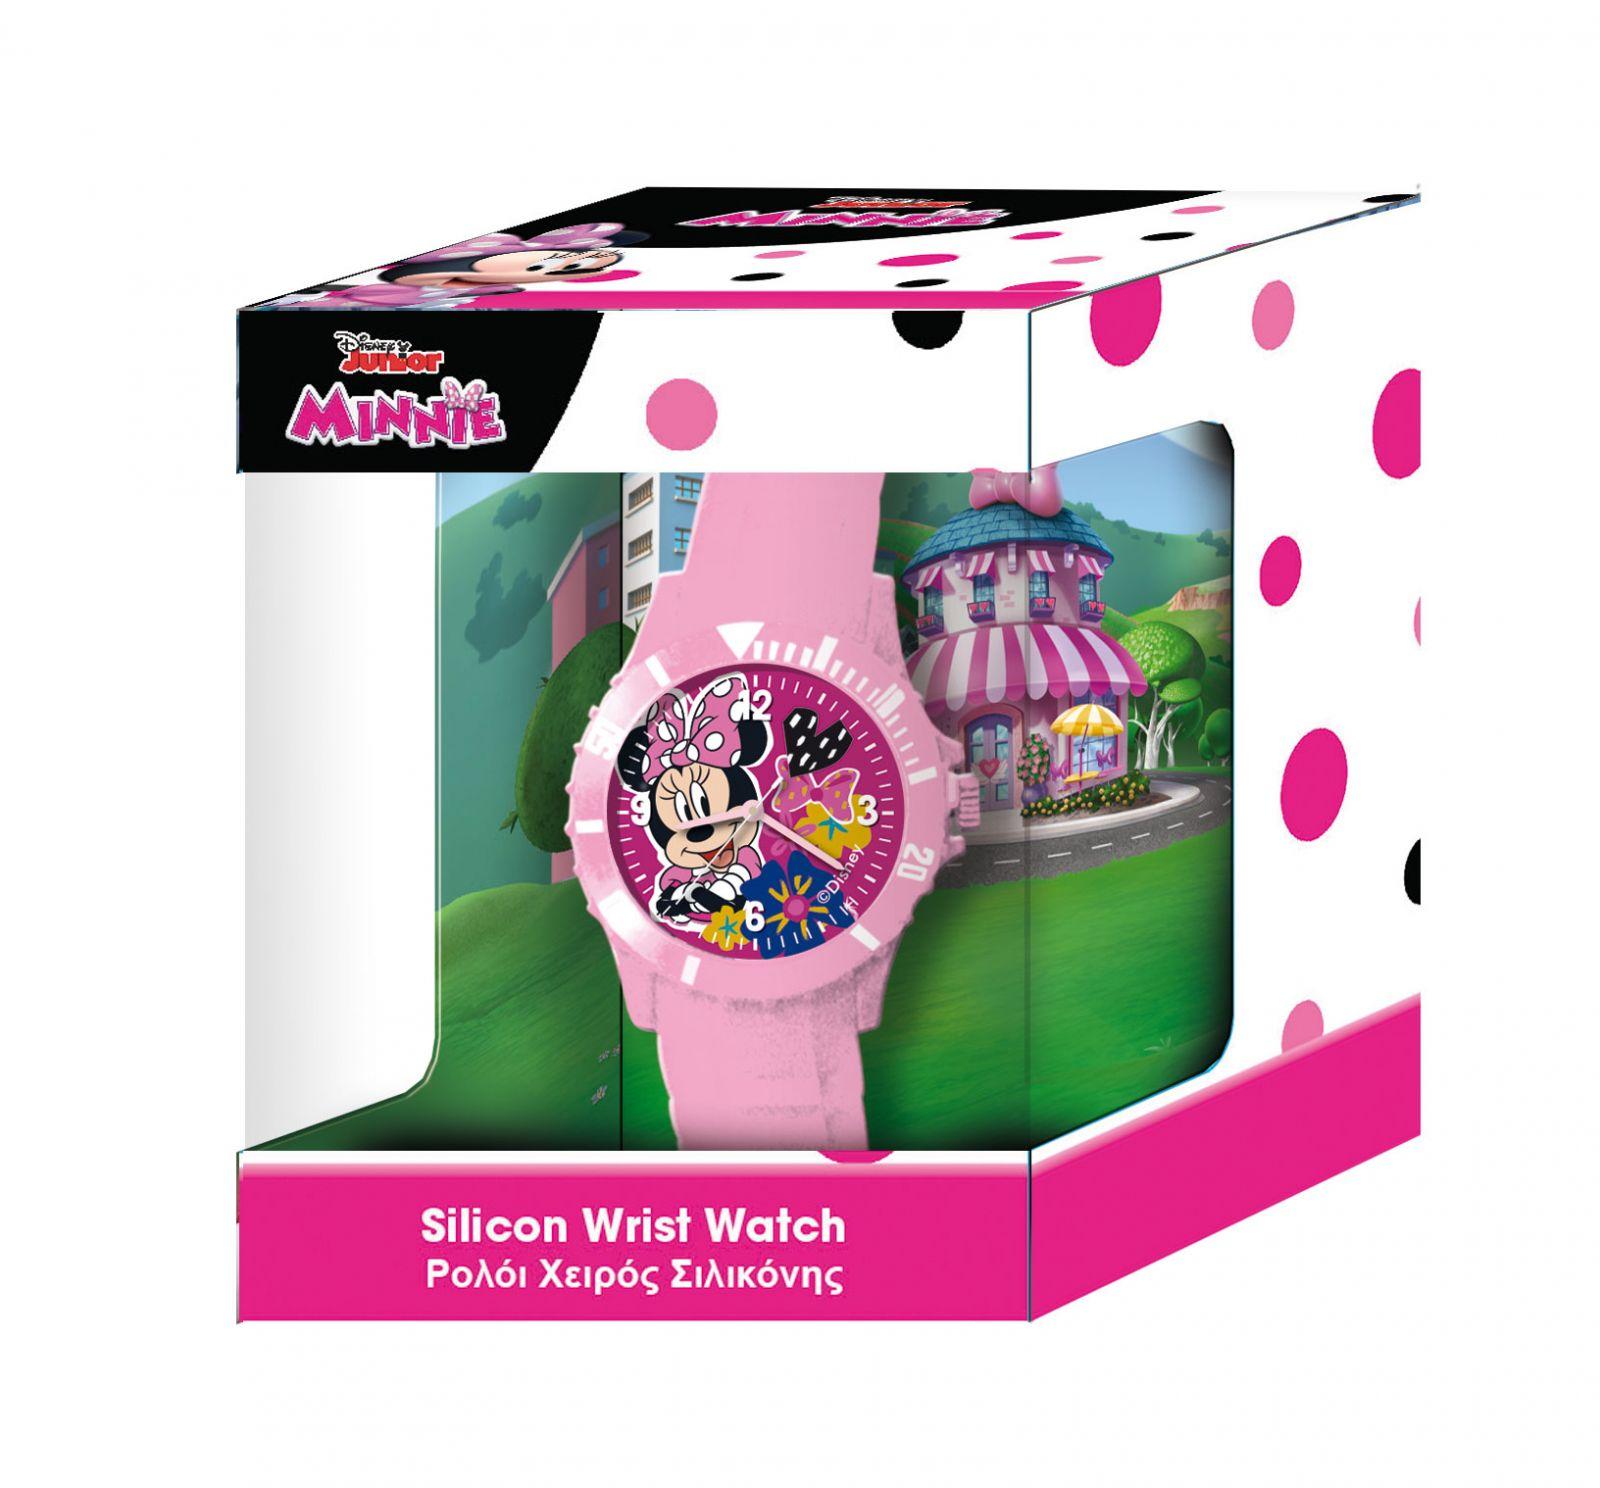 Dětské hodinky - analogové v dárkové krabičce - Minnie Mouse - NEW Diakakis